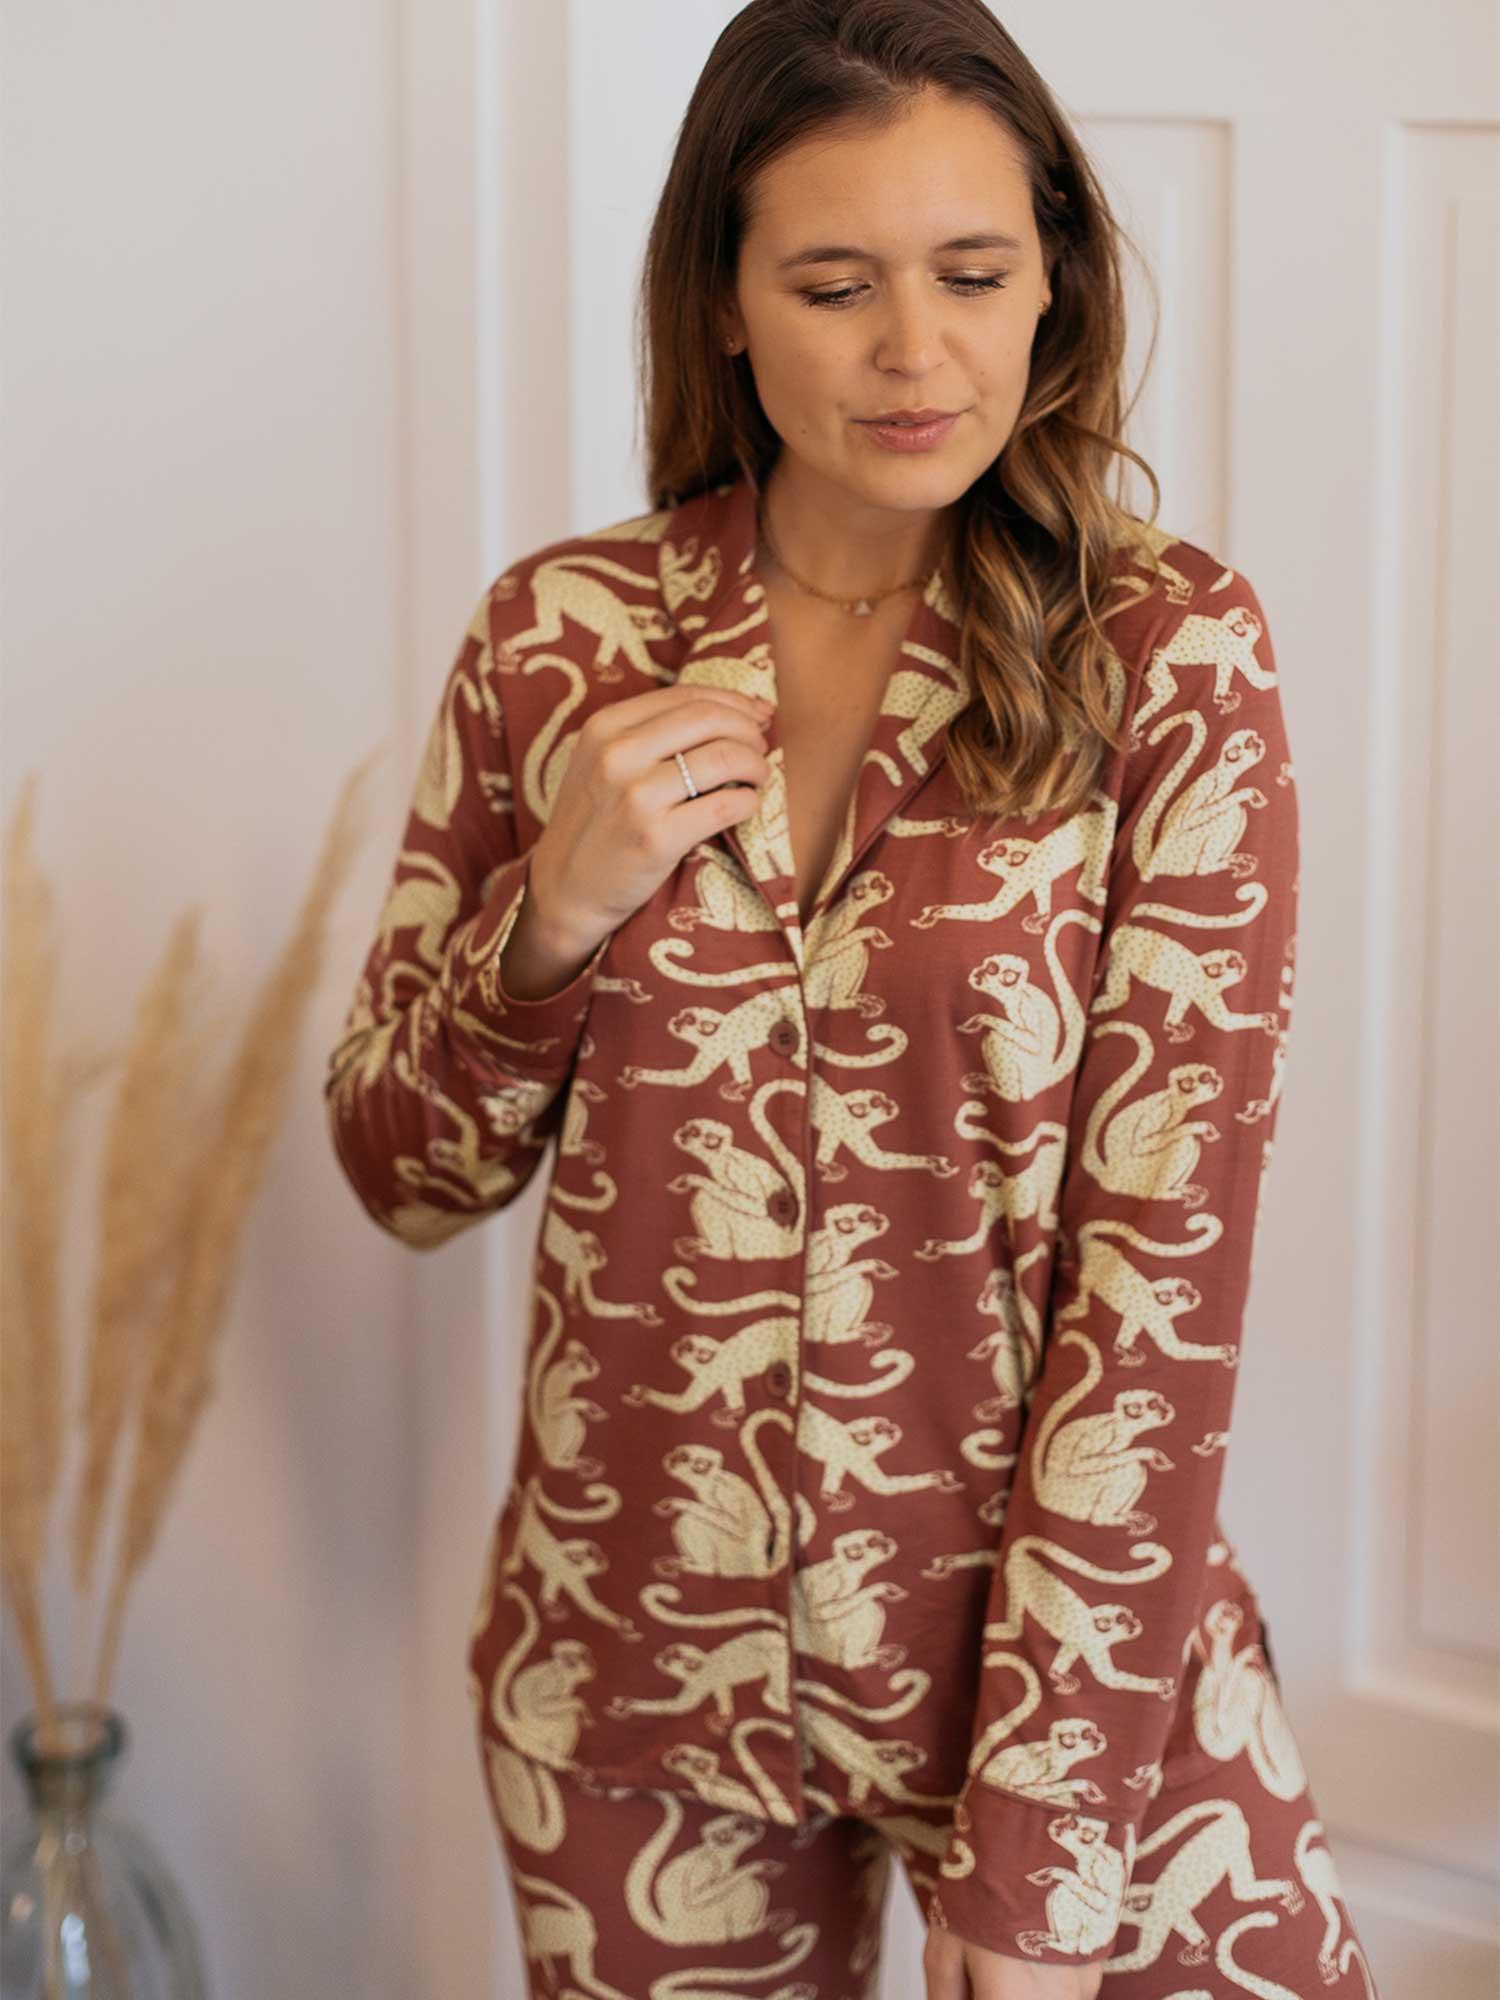 Die coole Homewear mit Allover-Äffchenprint aus der Serie Lovestory ist ein absoluter Hingucker. | mey®